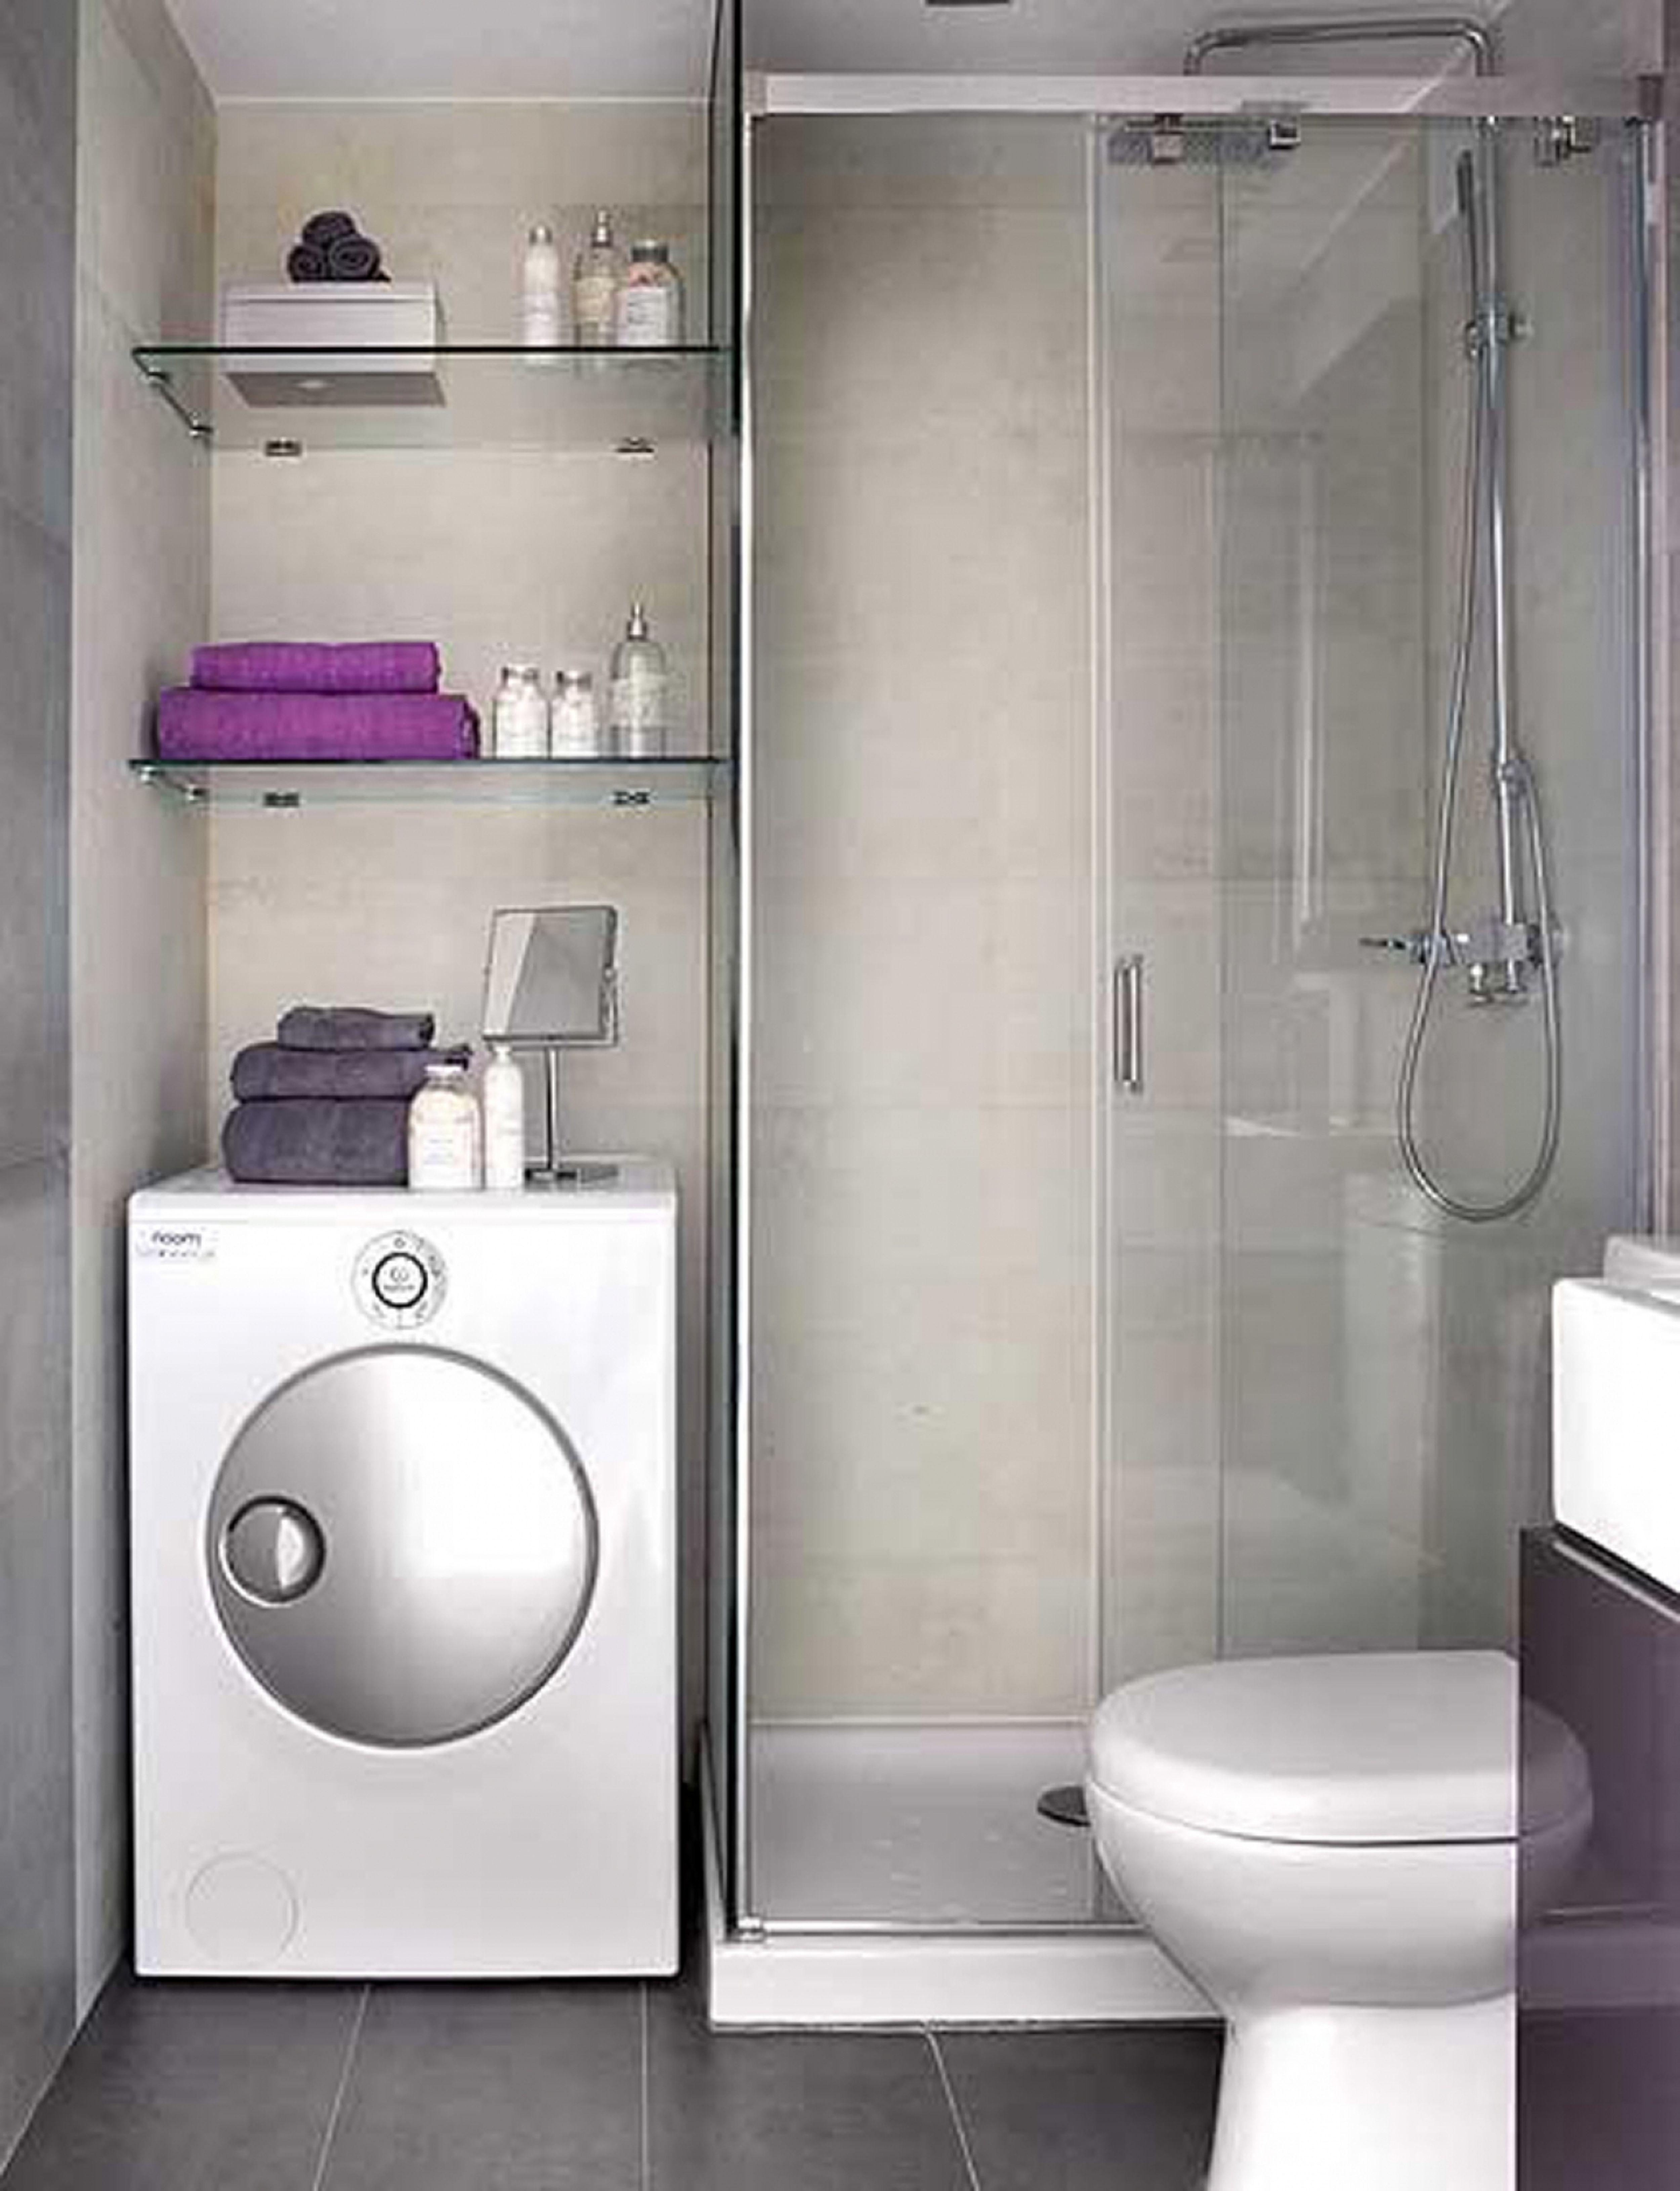 Дизайн с душевой кабиной в маленькой ванной комнате в